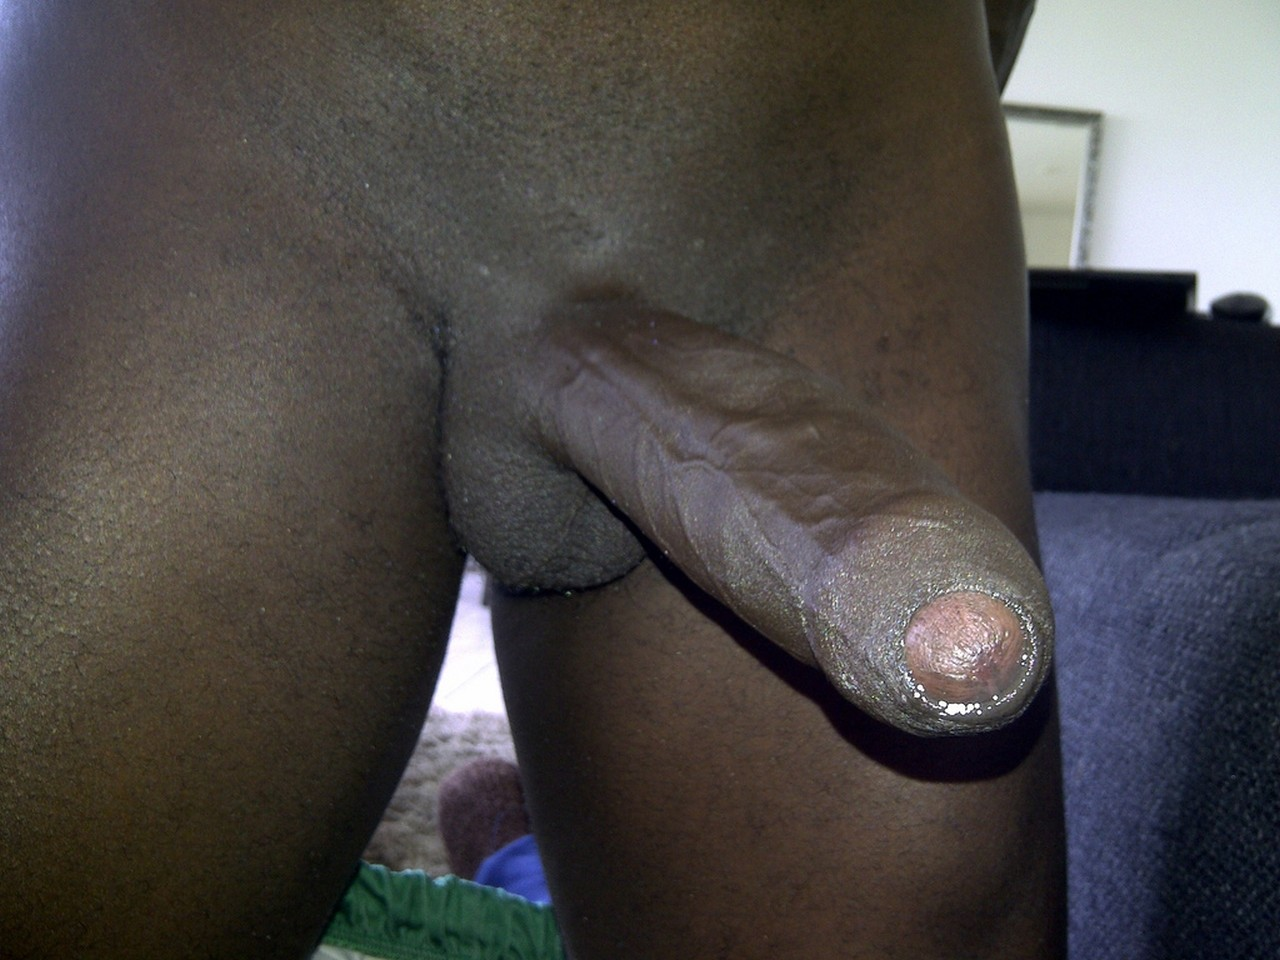 картинки грязная хуя нигерского это болезненное